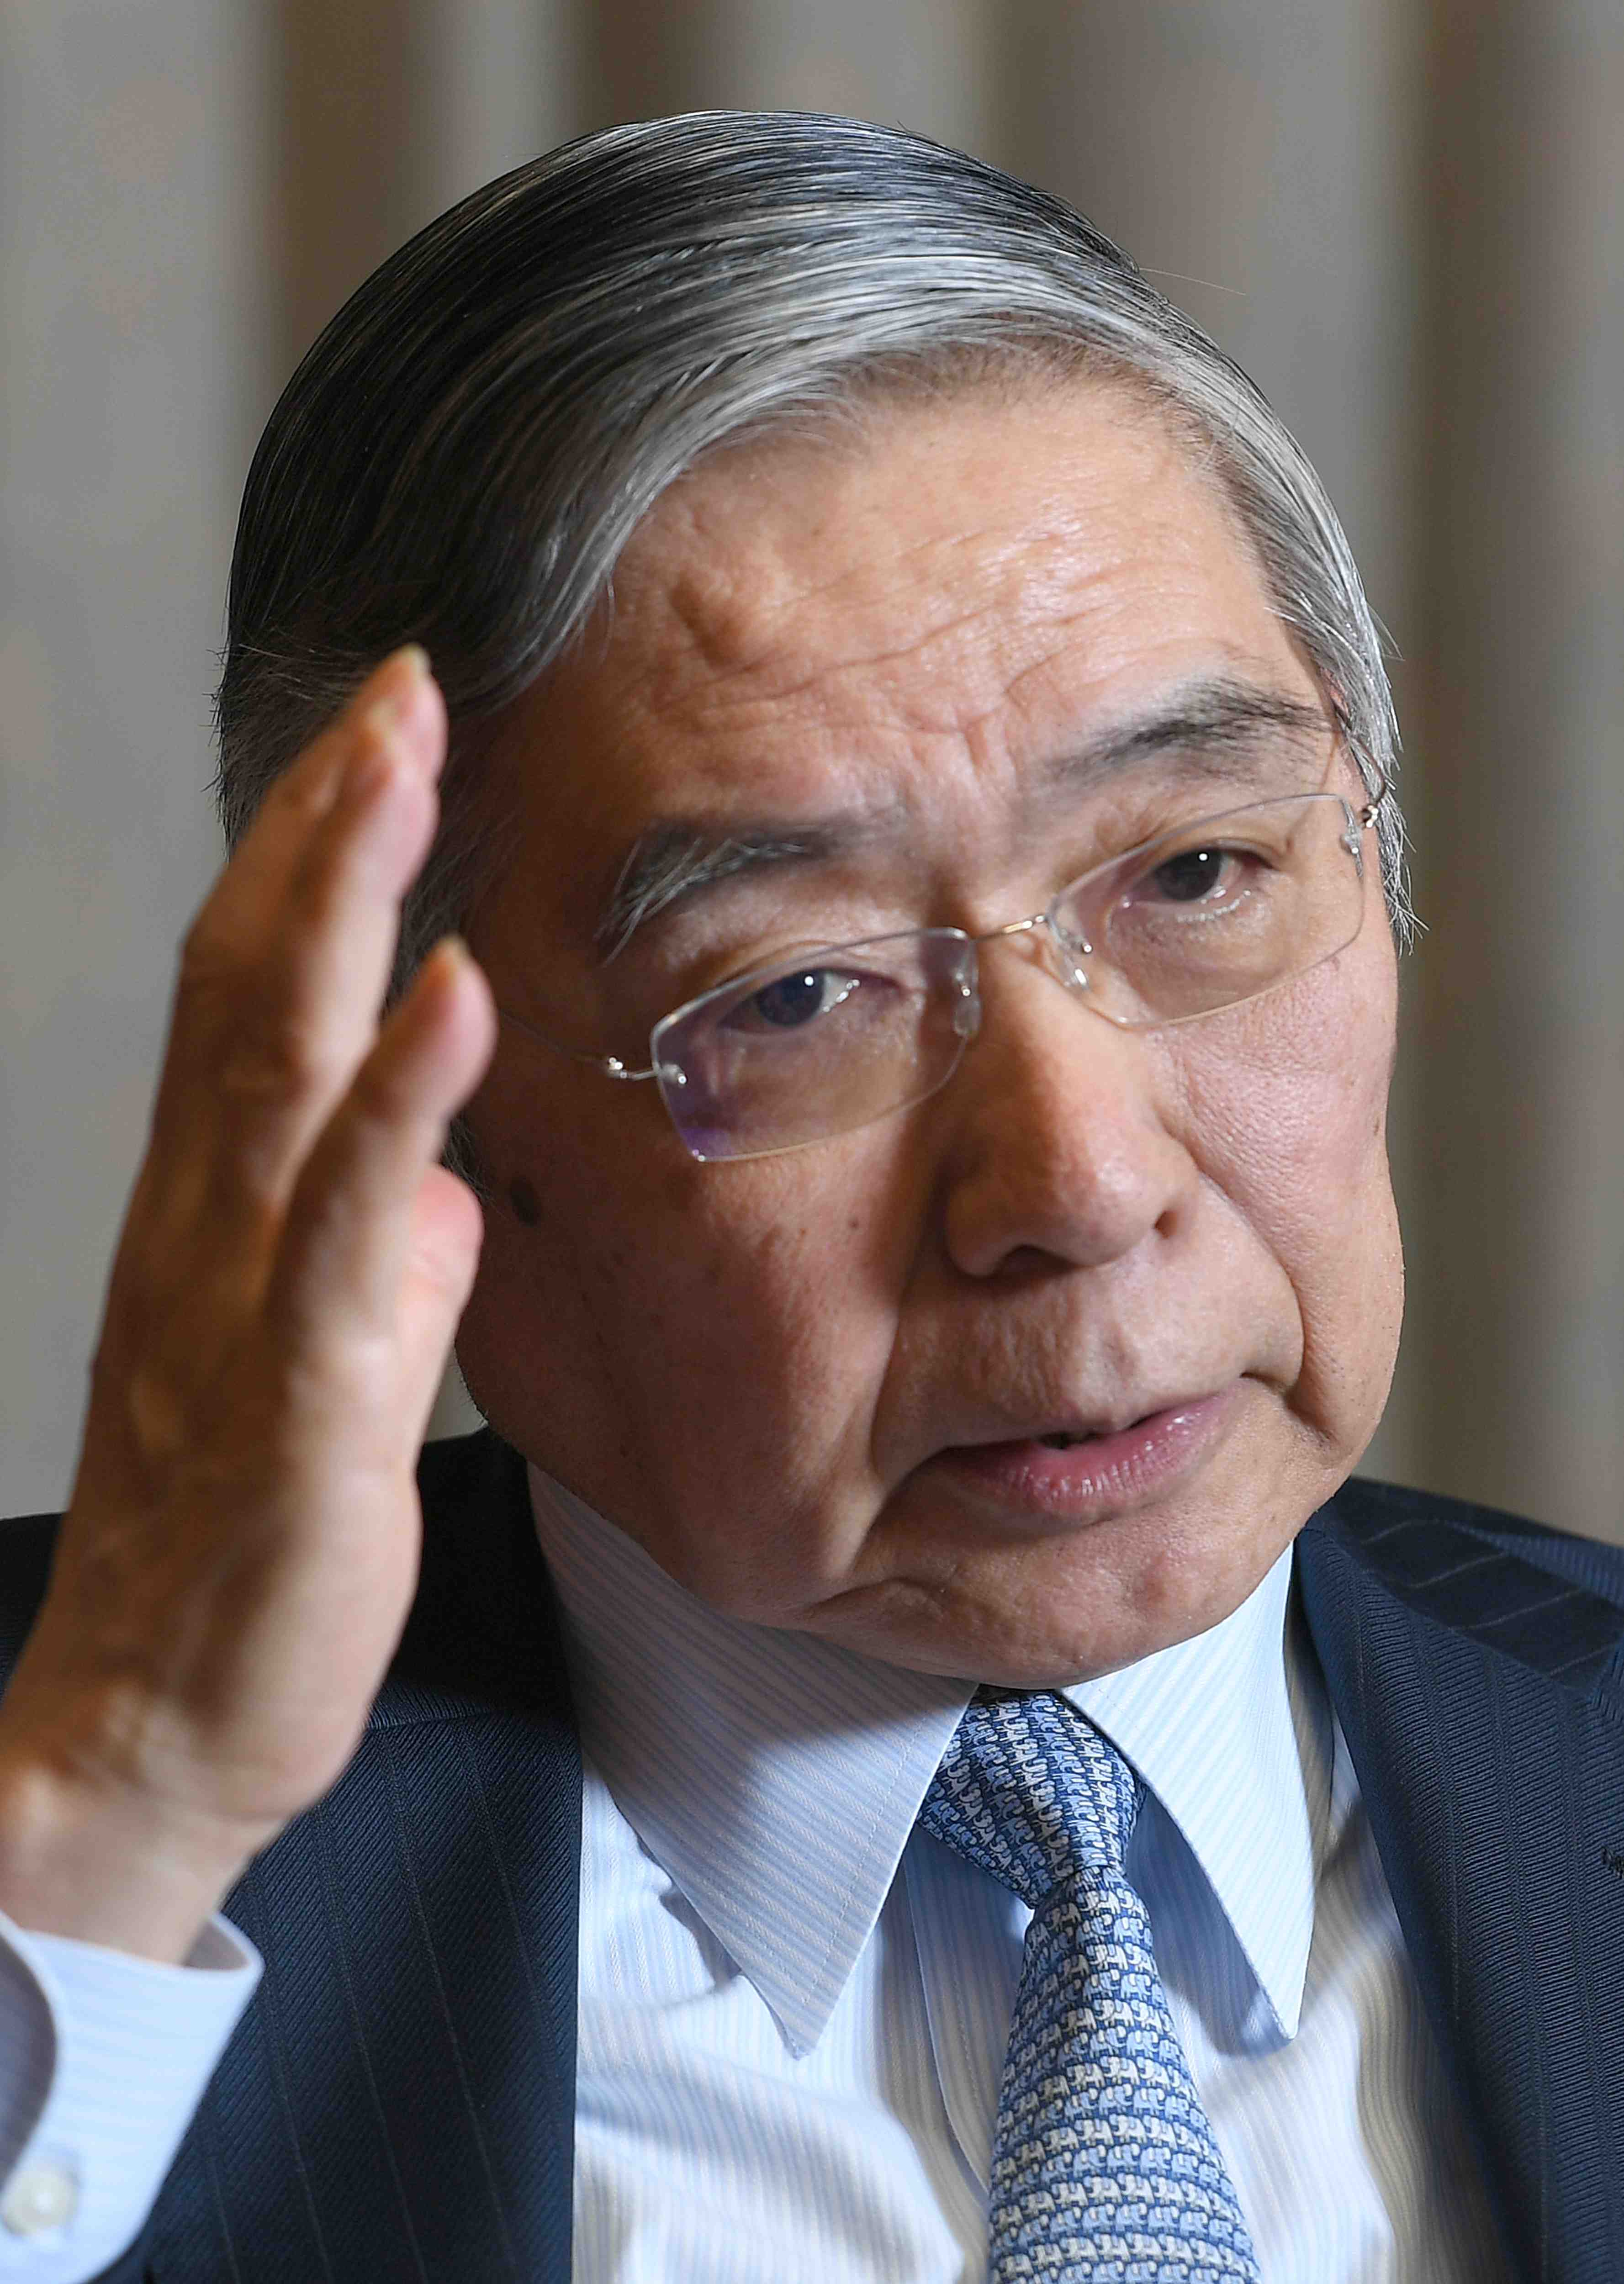 Interview with Haruhiko Kuroda Governor of the Bank of Japan